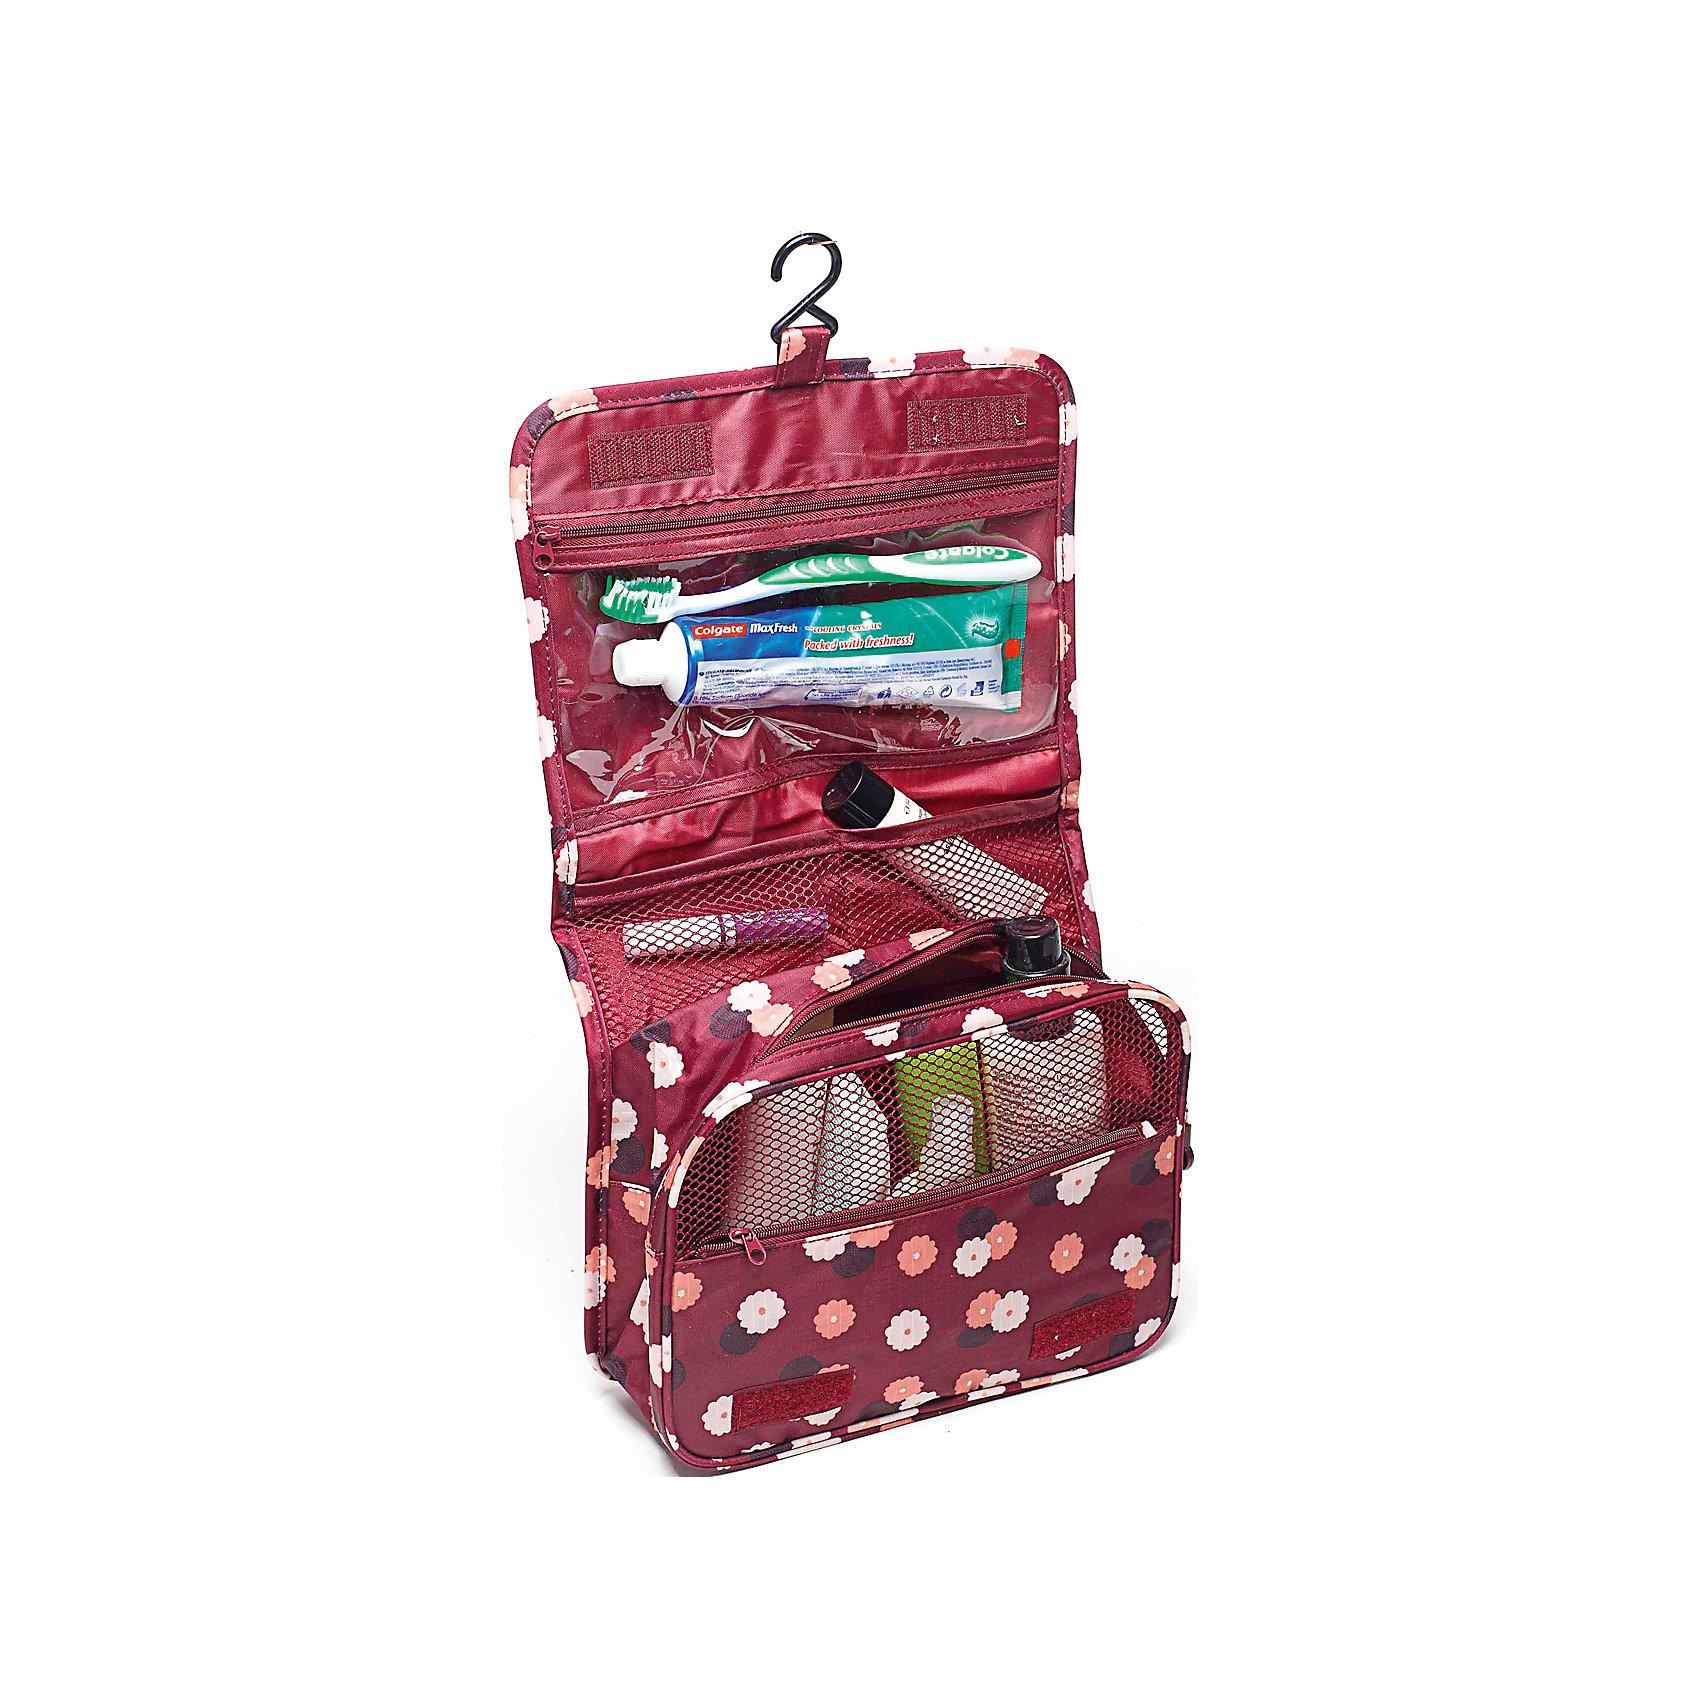 Органайзер в ванную подвесной Цветок, Homsu, бордовыйВанная комната<br>Характеристики товара:<br><br>• цвет: бордовый<br>• материал: металл, сетка, полиэстер<br>• размер: 24х9х18 см<br>• вес: 200 г<br>• застежка: молния, липучка<br>• крепление: крючок<br>• ручка для переноски<br>• вместимость: карманы на молнии, отделения из сетки<br>• страна бренда: Россия<br>• страна изготовитель: Китай<br><br>Органайзер ванную подвесной Цветок от бренда Homsu (Хомсу) - очень удобная вещь для хранения вещей и эргономичной организации пространства.<br><br>Он легкий, вместительный, имеет удобную ручку для переноски, можно использовать как отдельный аксессуар.<br><br>Органайзер в ванную подвесной Цветок, Homsu можно купить в нашем интернет-магазине.<br><br>Ширина мм: 240<br>Глубина мм: 95<br>Высота мм: 185<br>Вес г: 200<br>Возраст от месяцев: 216<br>Возраст до месяцев: 1188<br>Пол: Унисекс<br>Возраст: Детский<br>SKU: 5620284